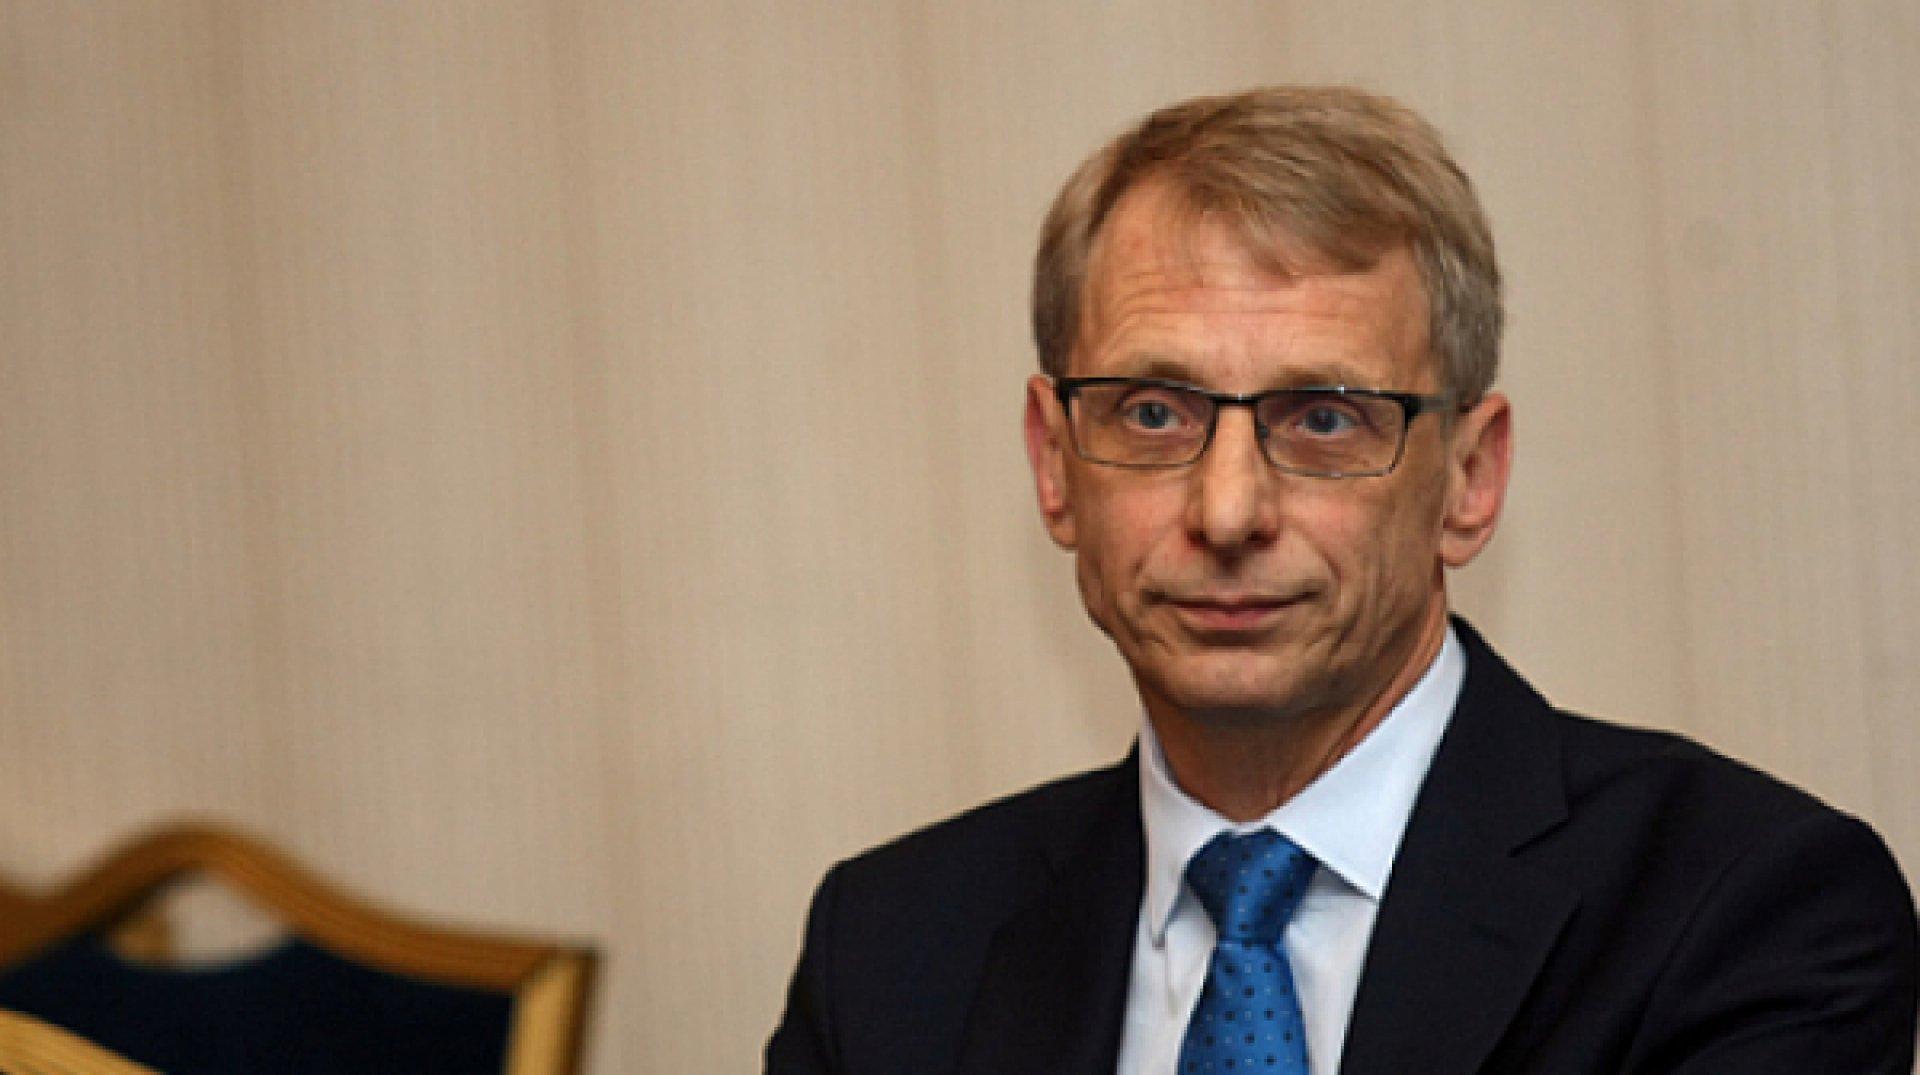 Според министър Дянков, тестването ще става преди първия час в понеделник и четвъртък